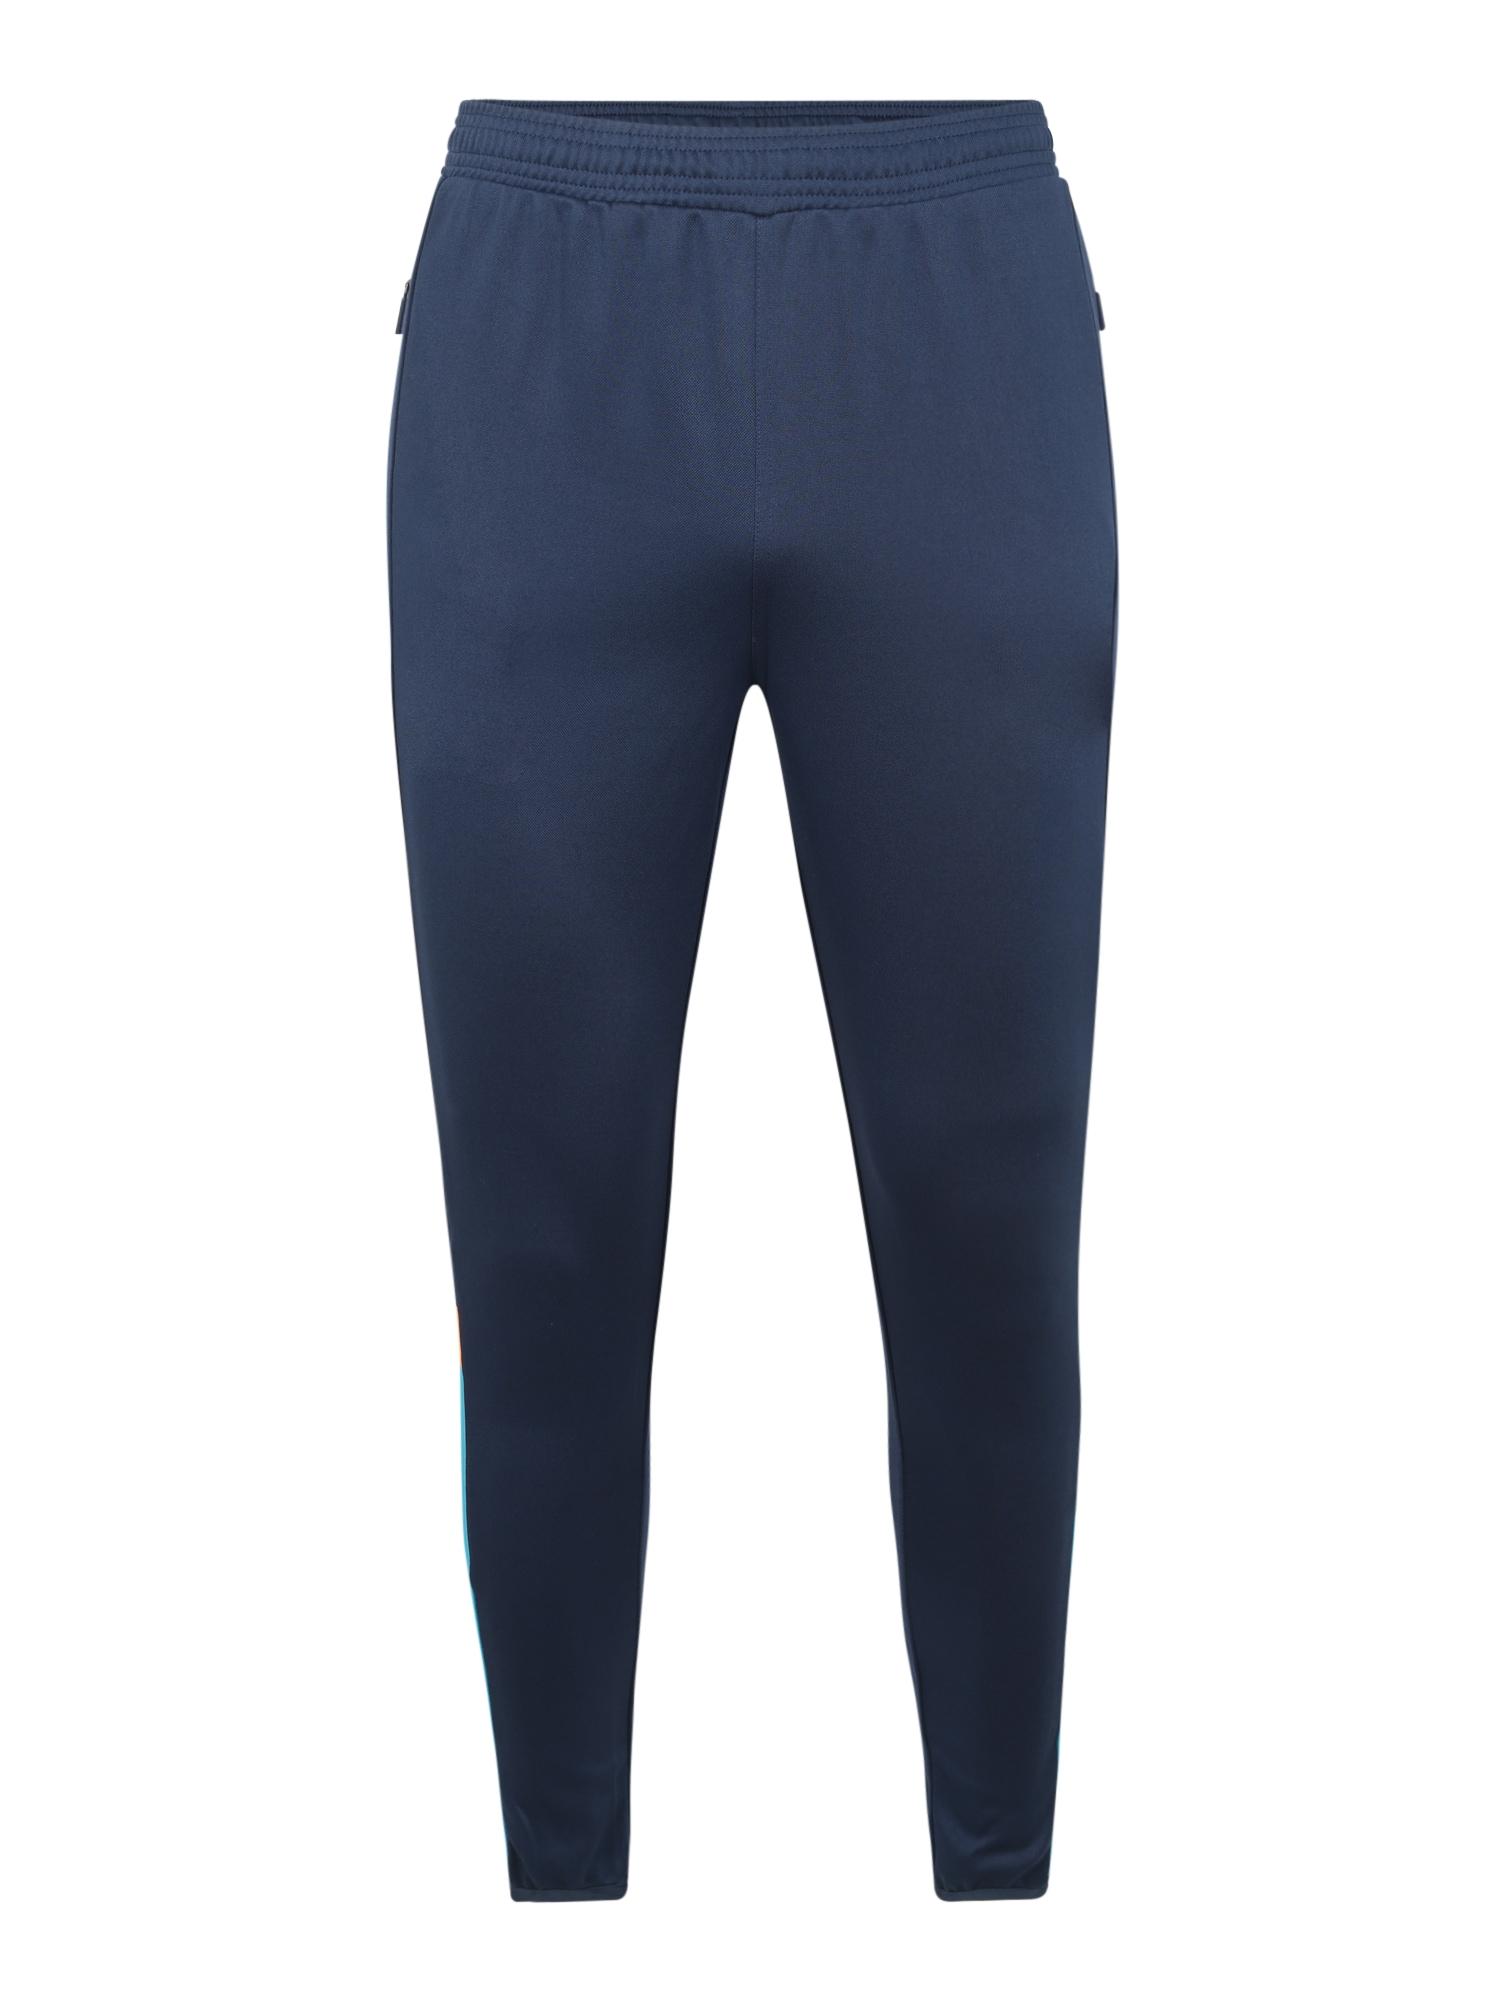 ELLESSE Sportinės kelnės 'HURACAN' tamsiai mėlyna